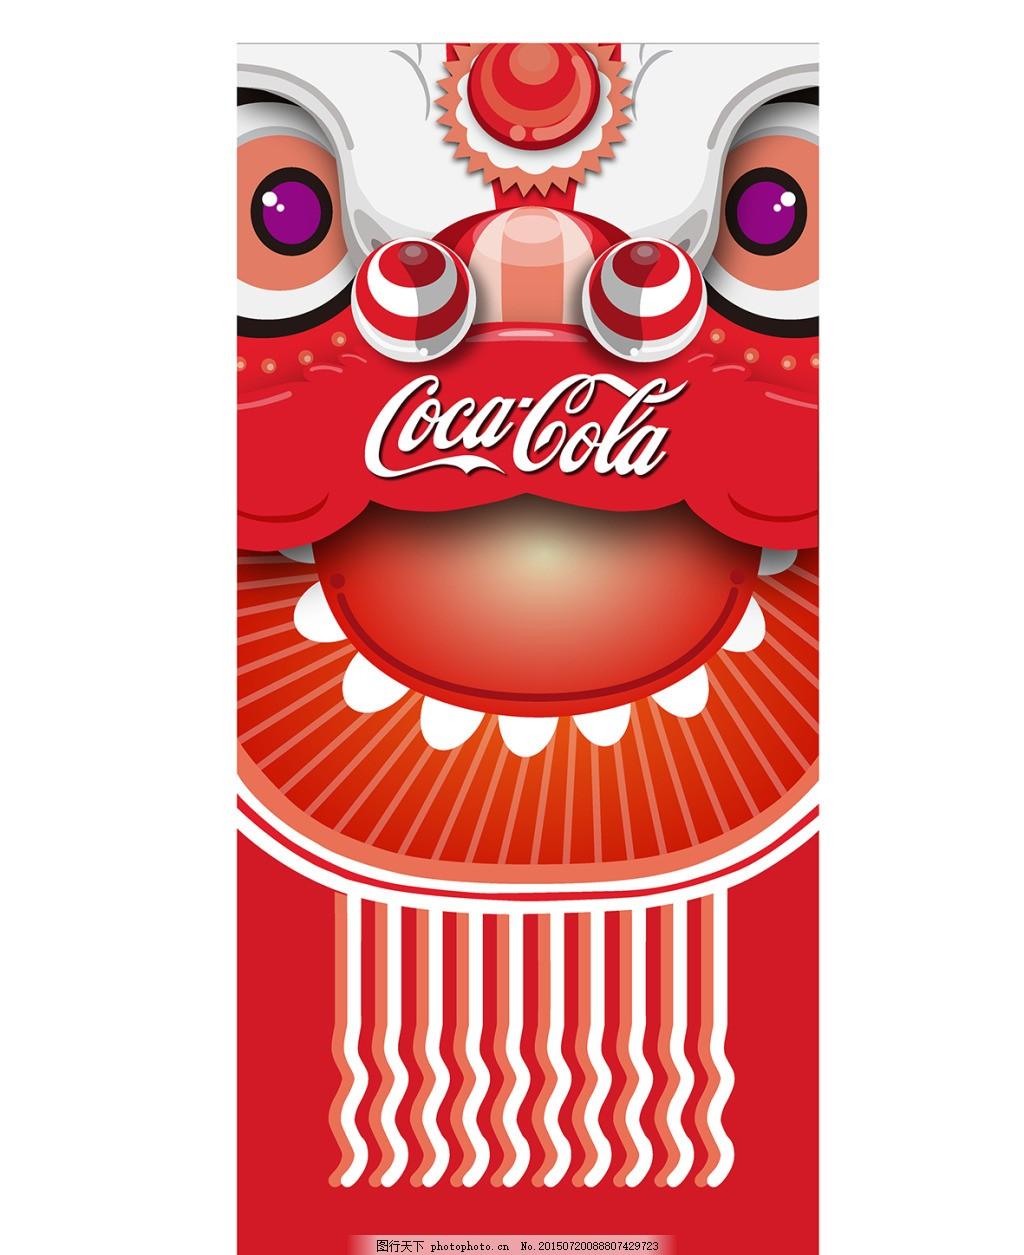 可口可乐包装 狮子 喜庆 红色 矢量图 背景 创意图案 吊旗 春节图片